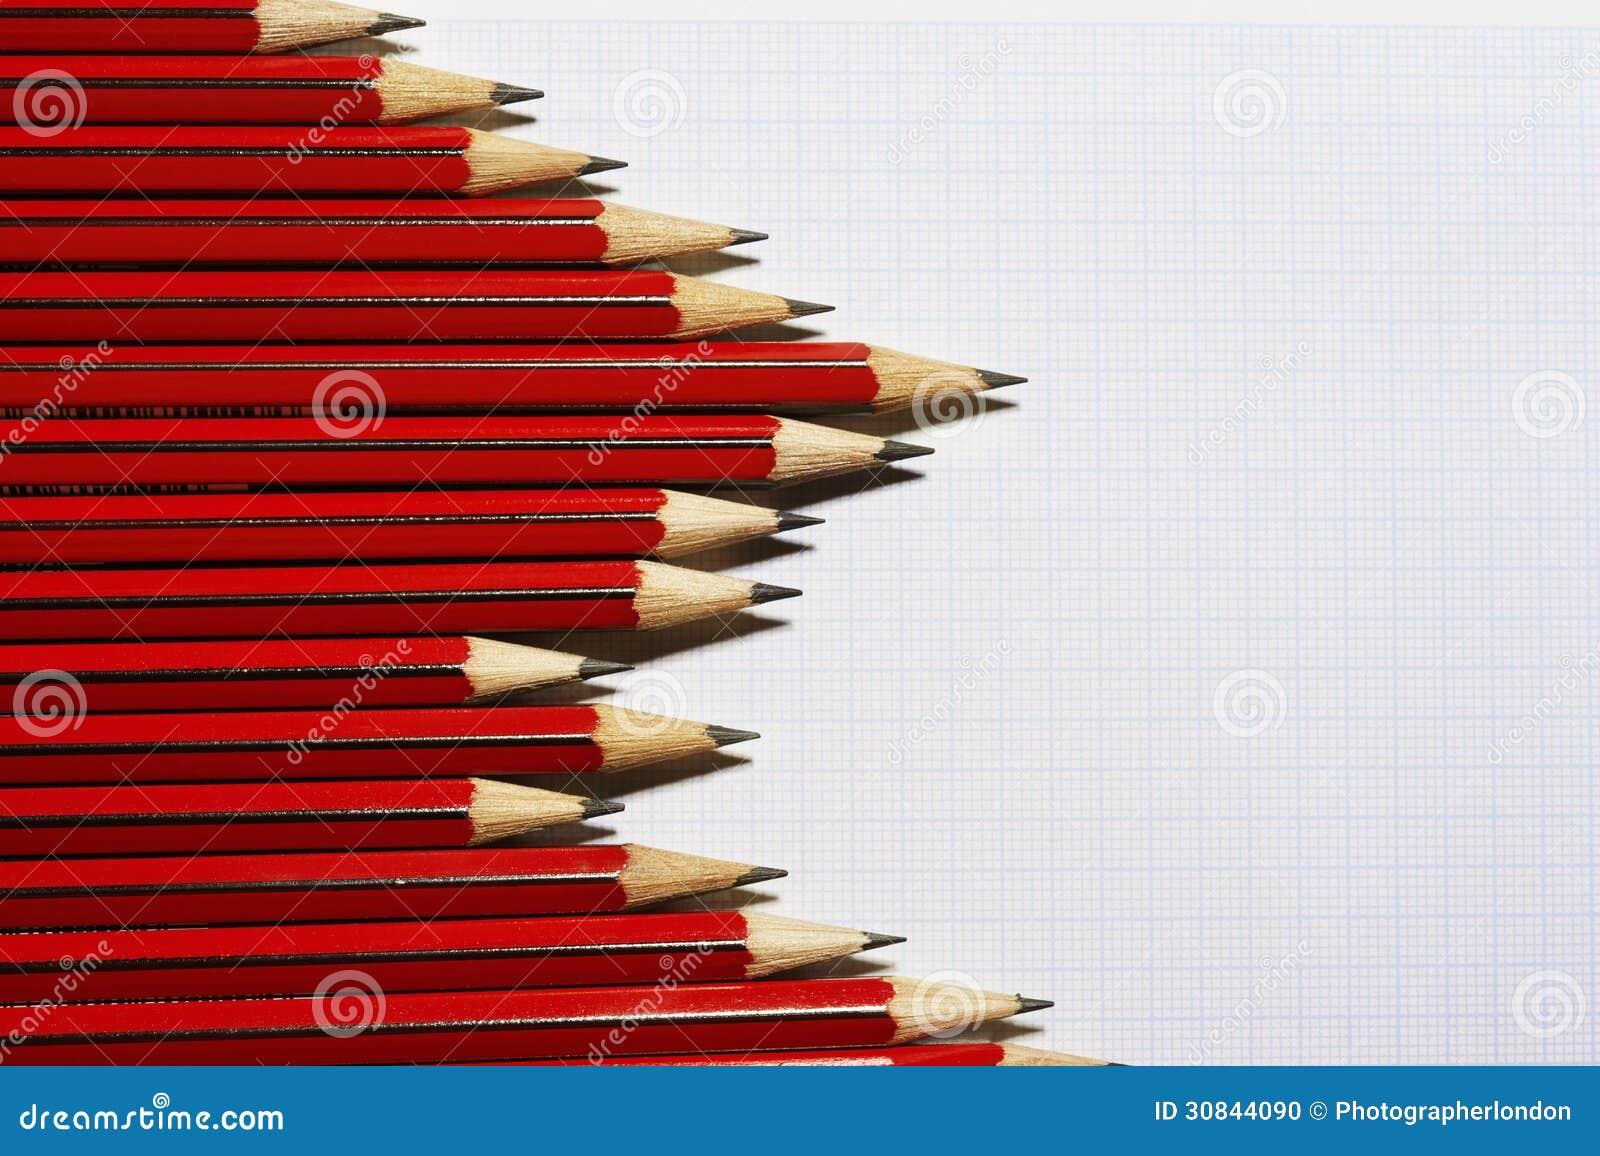 Lápis que formam o teste padrão do gráfico de barra na opinião de papel de gráfico de cima de